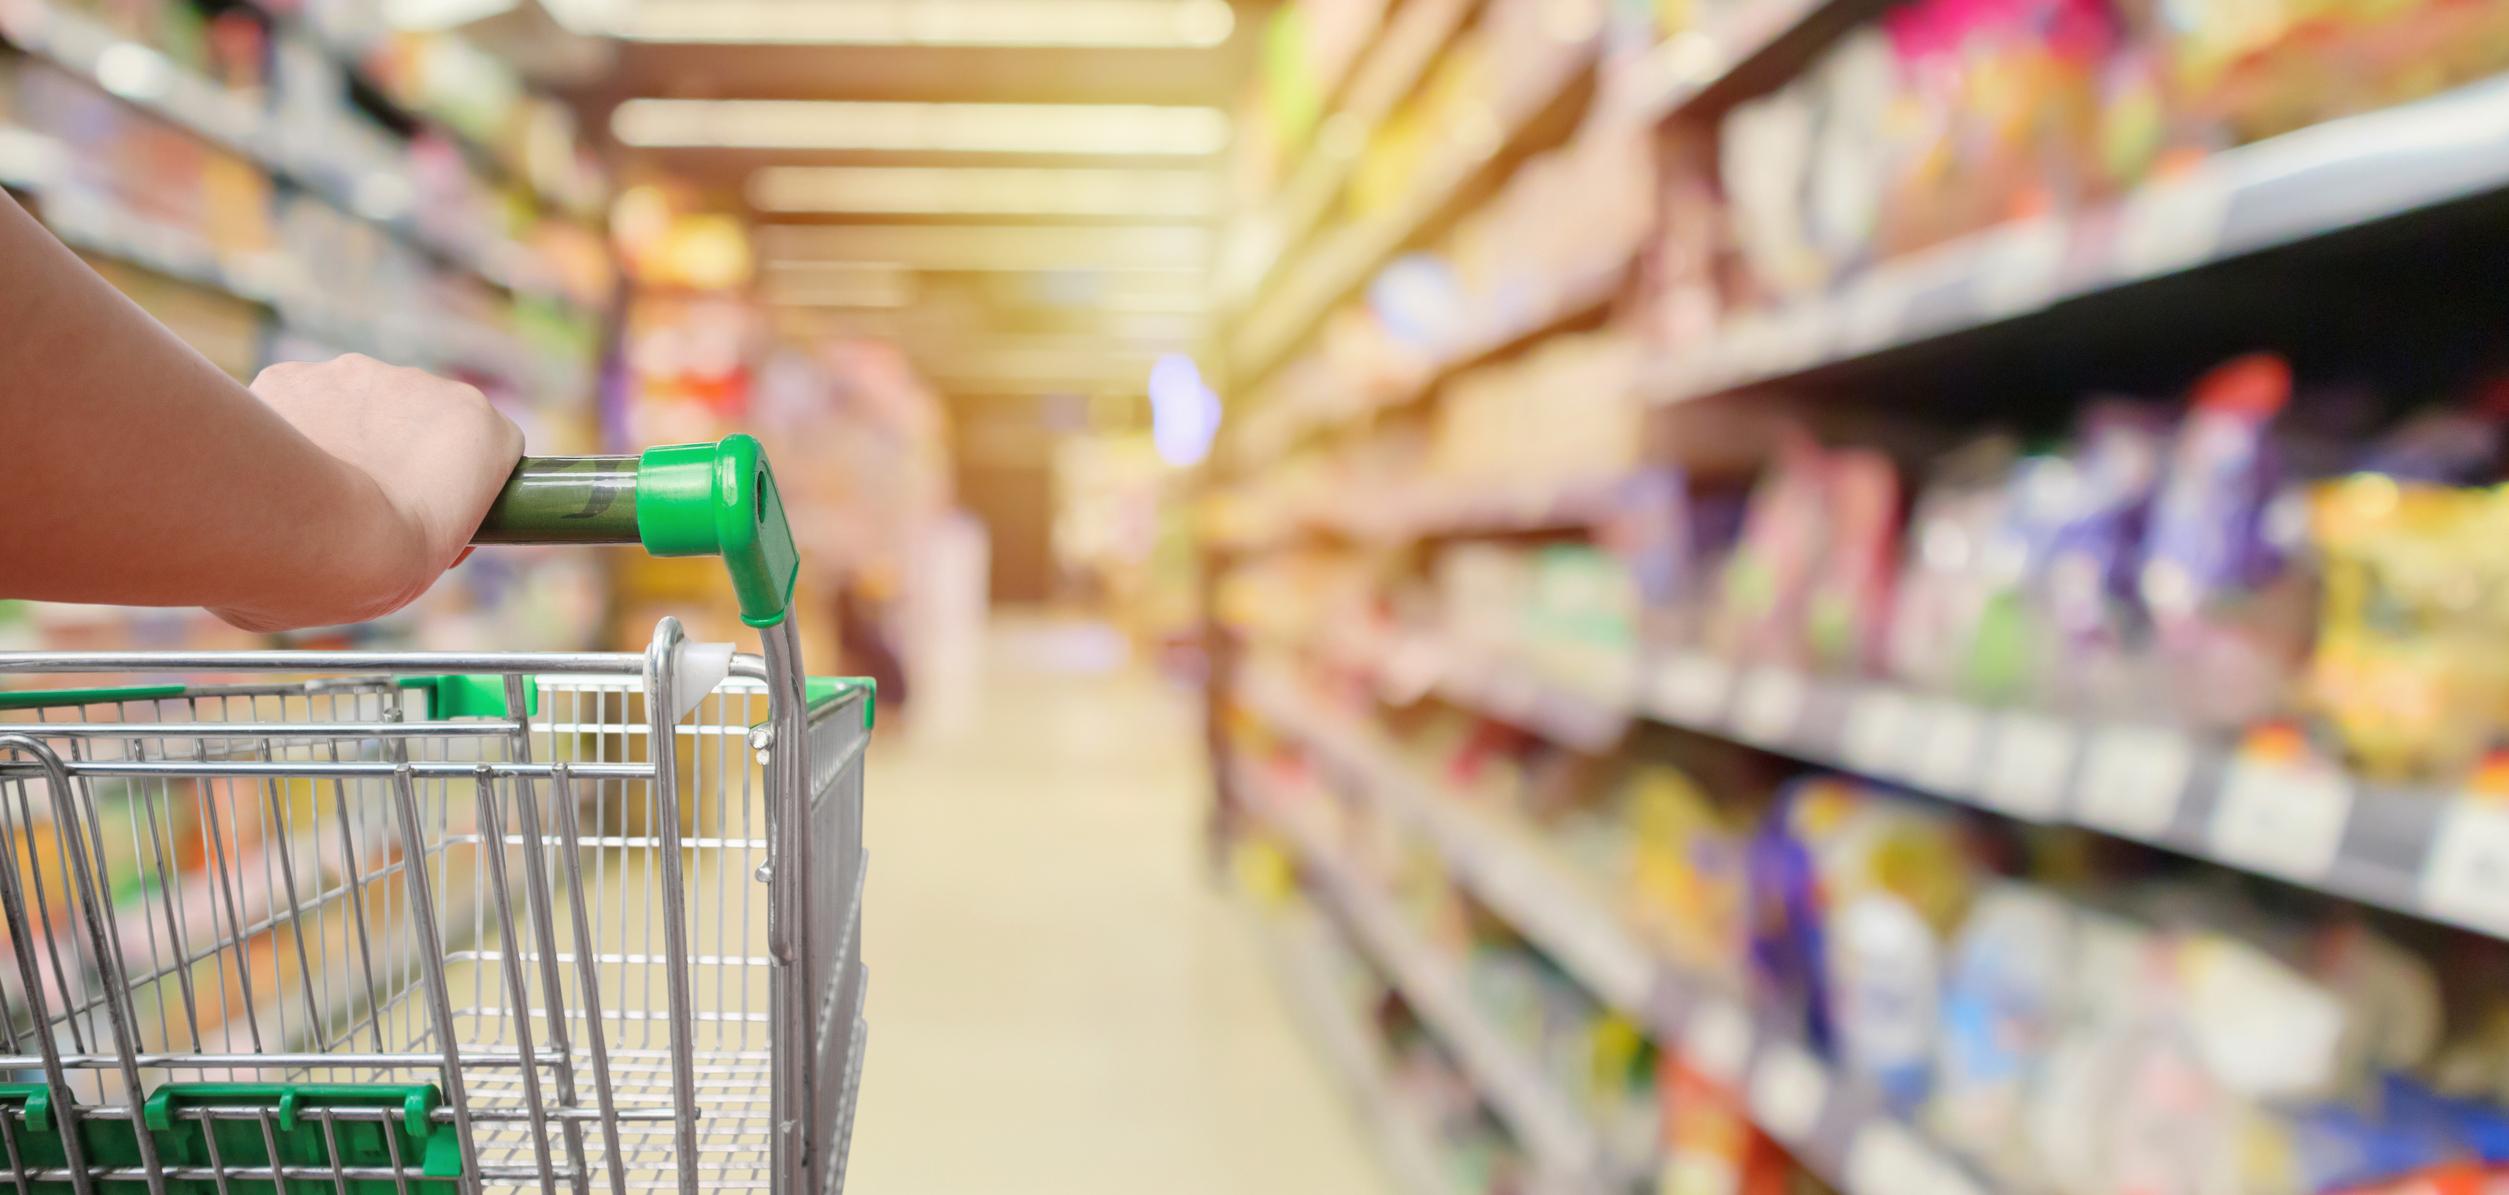 Coronavirus Market Selloff: Should You Buy Stocks Right Now? | The Motley Fool